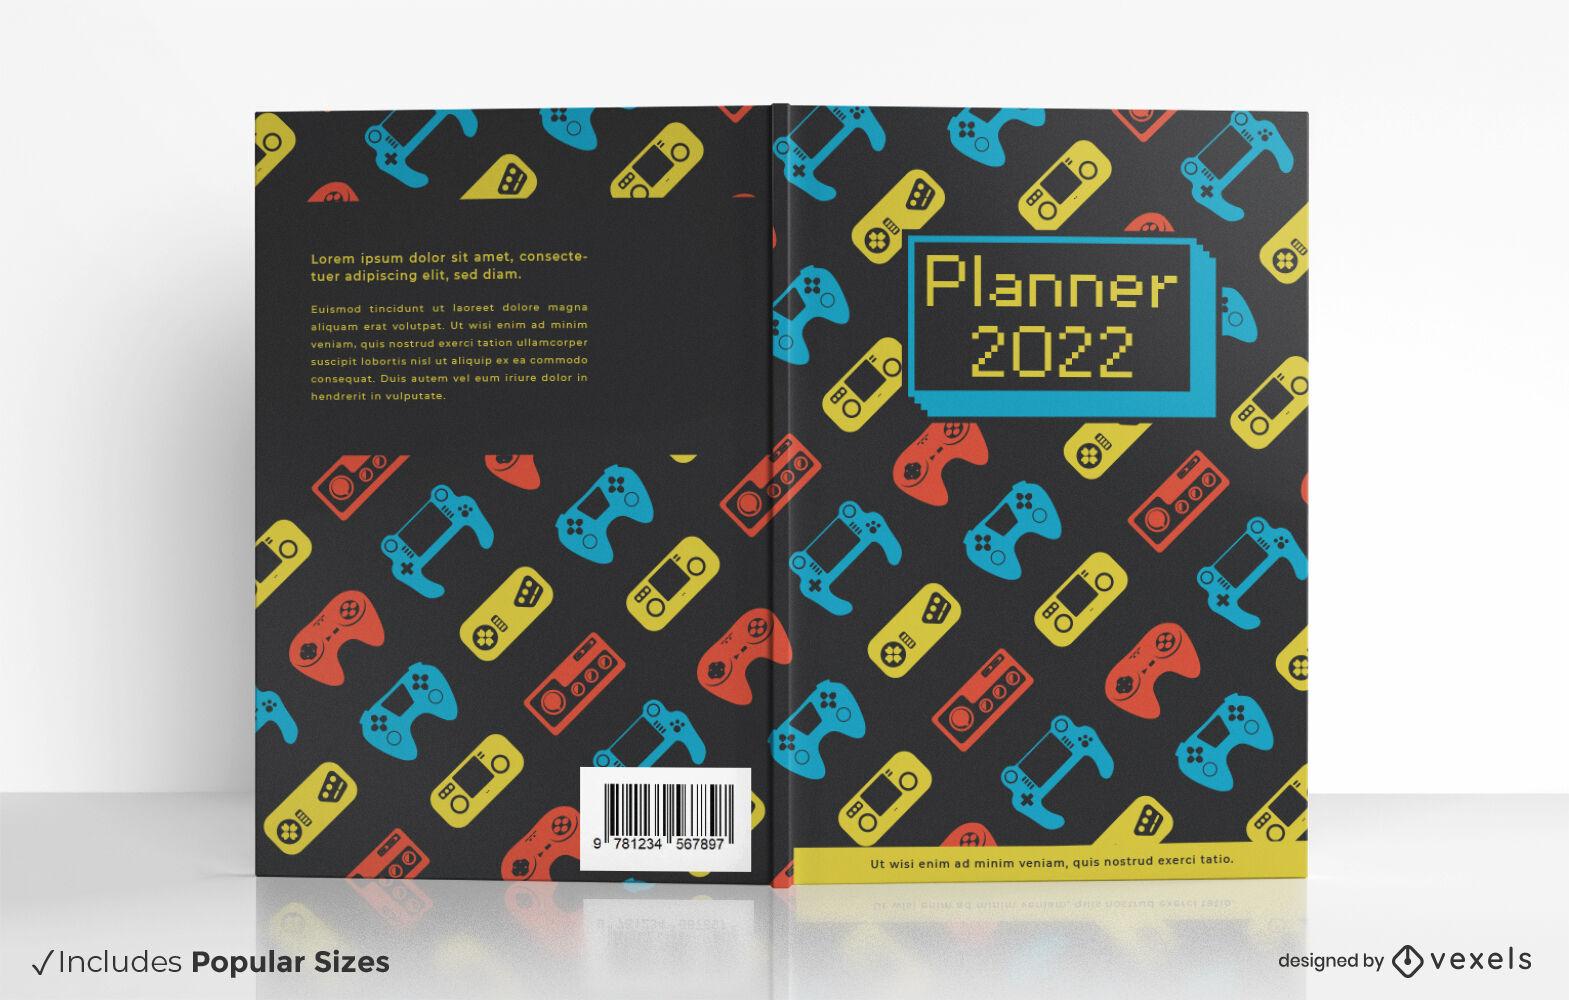 Diseño de portada de libro de videojuegos de joystick